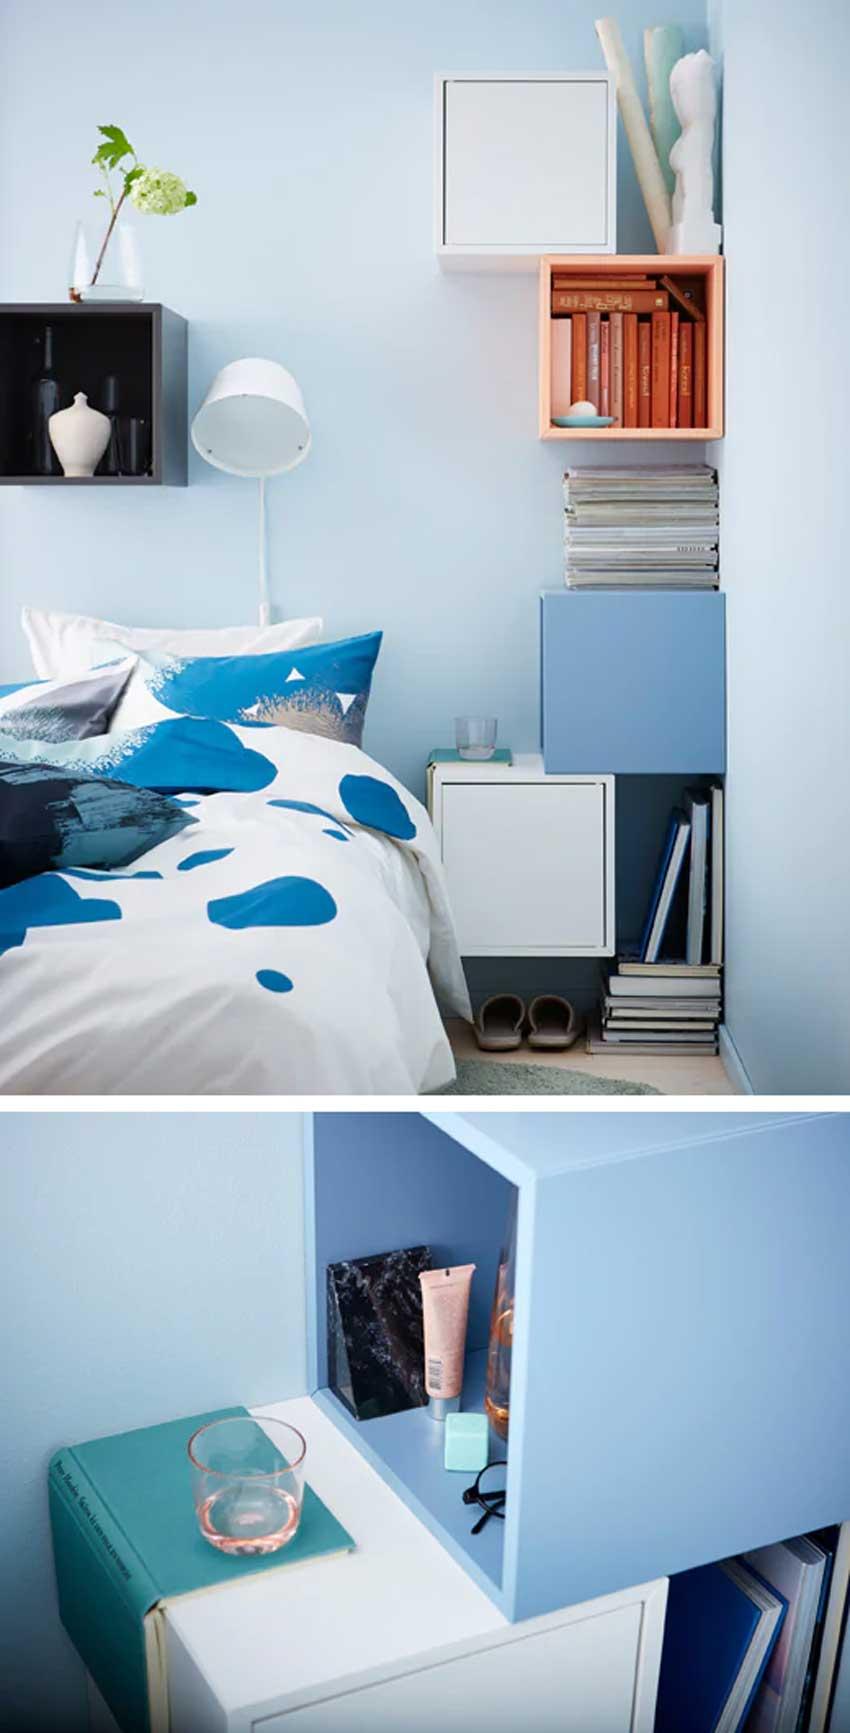 Mensole Ikea 15 Modi Di Utilizzarle In Modo Furbo Per